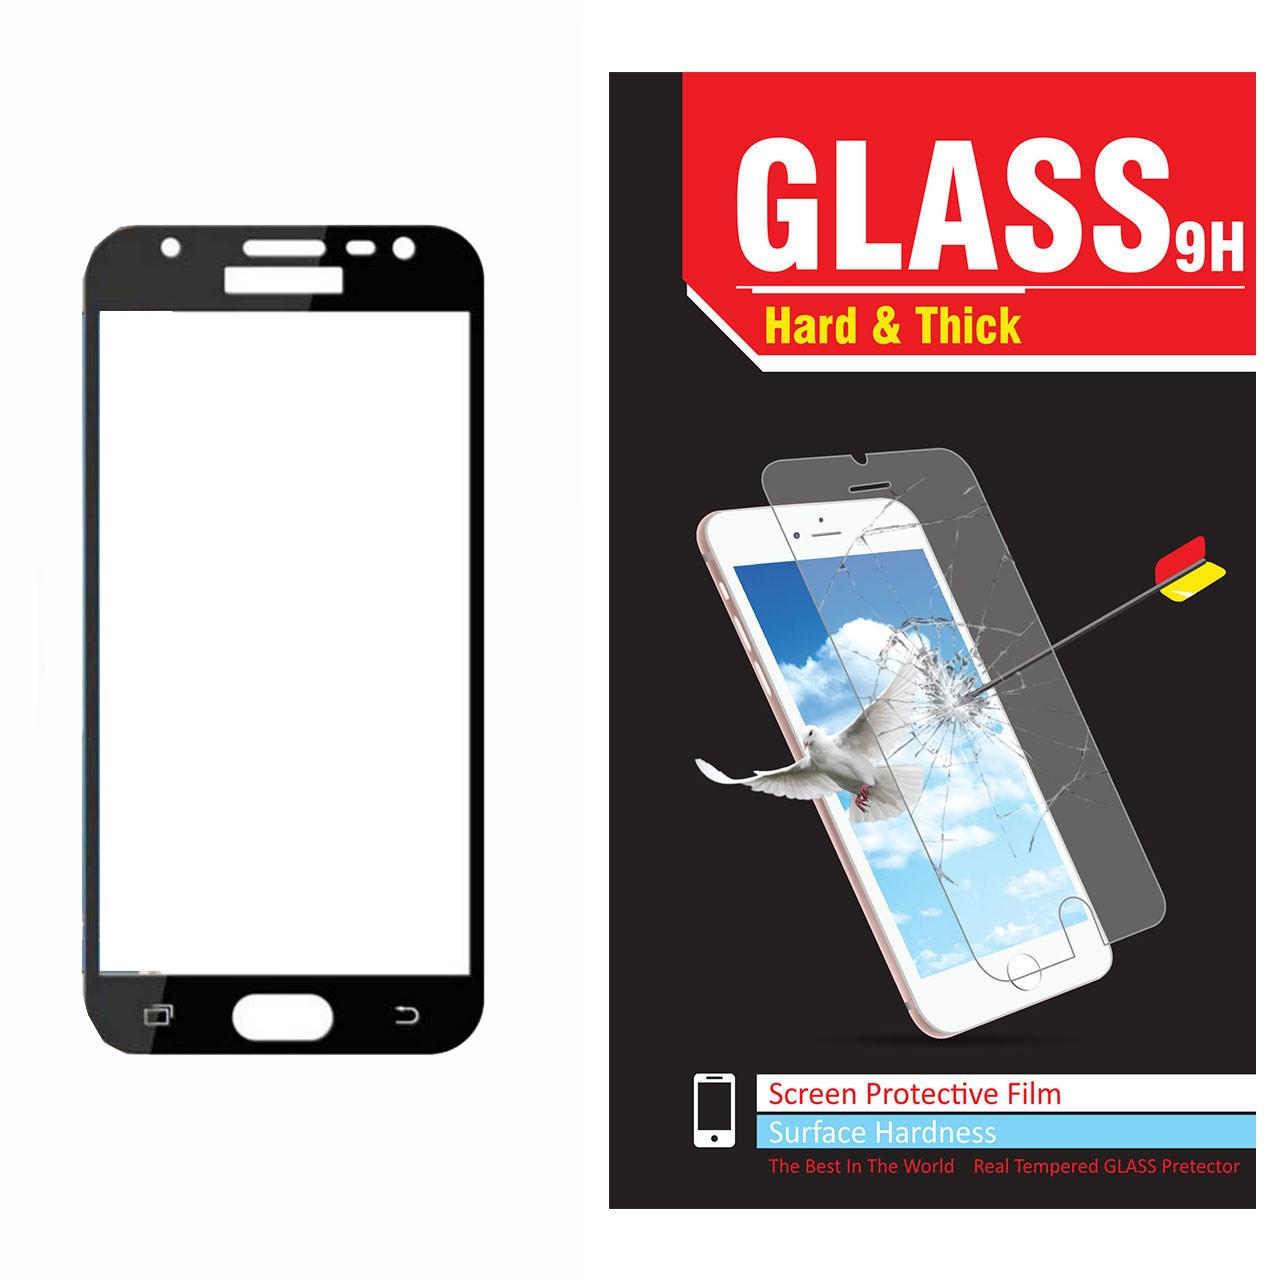 محافظ صفحه نمایش شیشه ای مدل Hard and thick  فول چسب مناسب برای گوشی موبایل سامسونگ Grand Prime Pro/J2 Prime